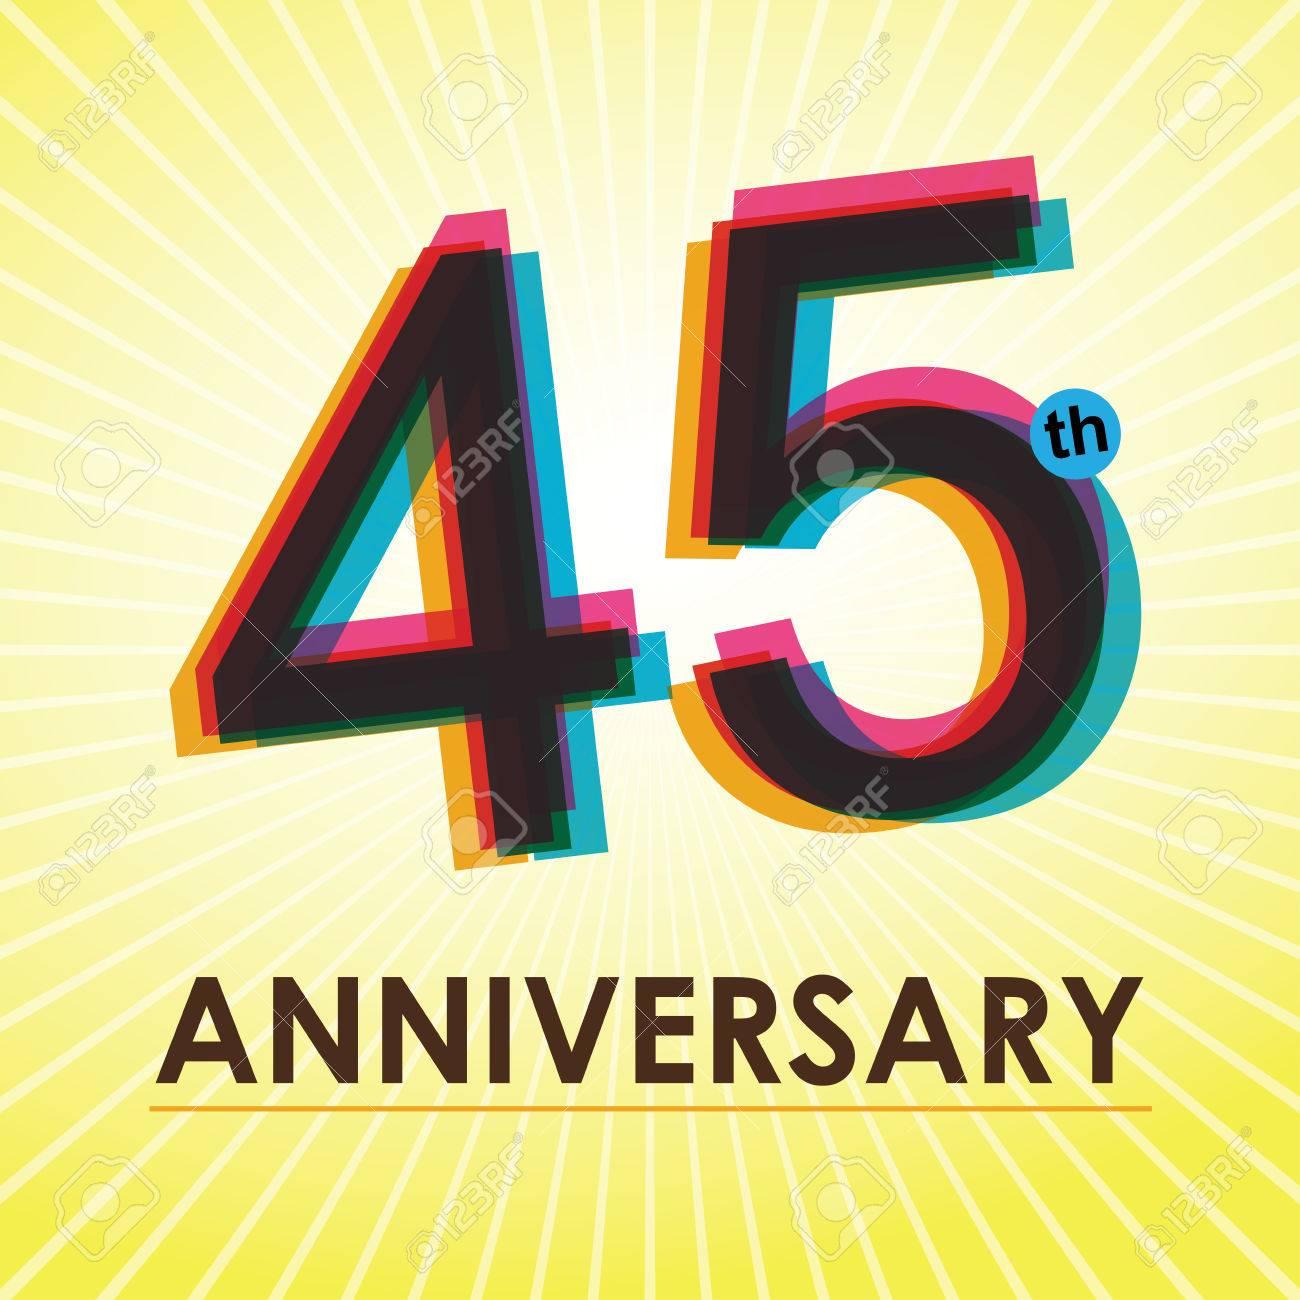 45 Aniversario Diseño De La Plantilla Del Cartel De Estilo Retro ...